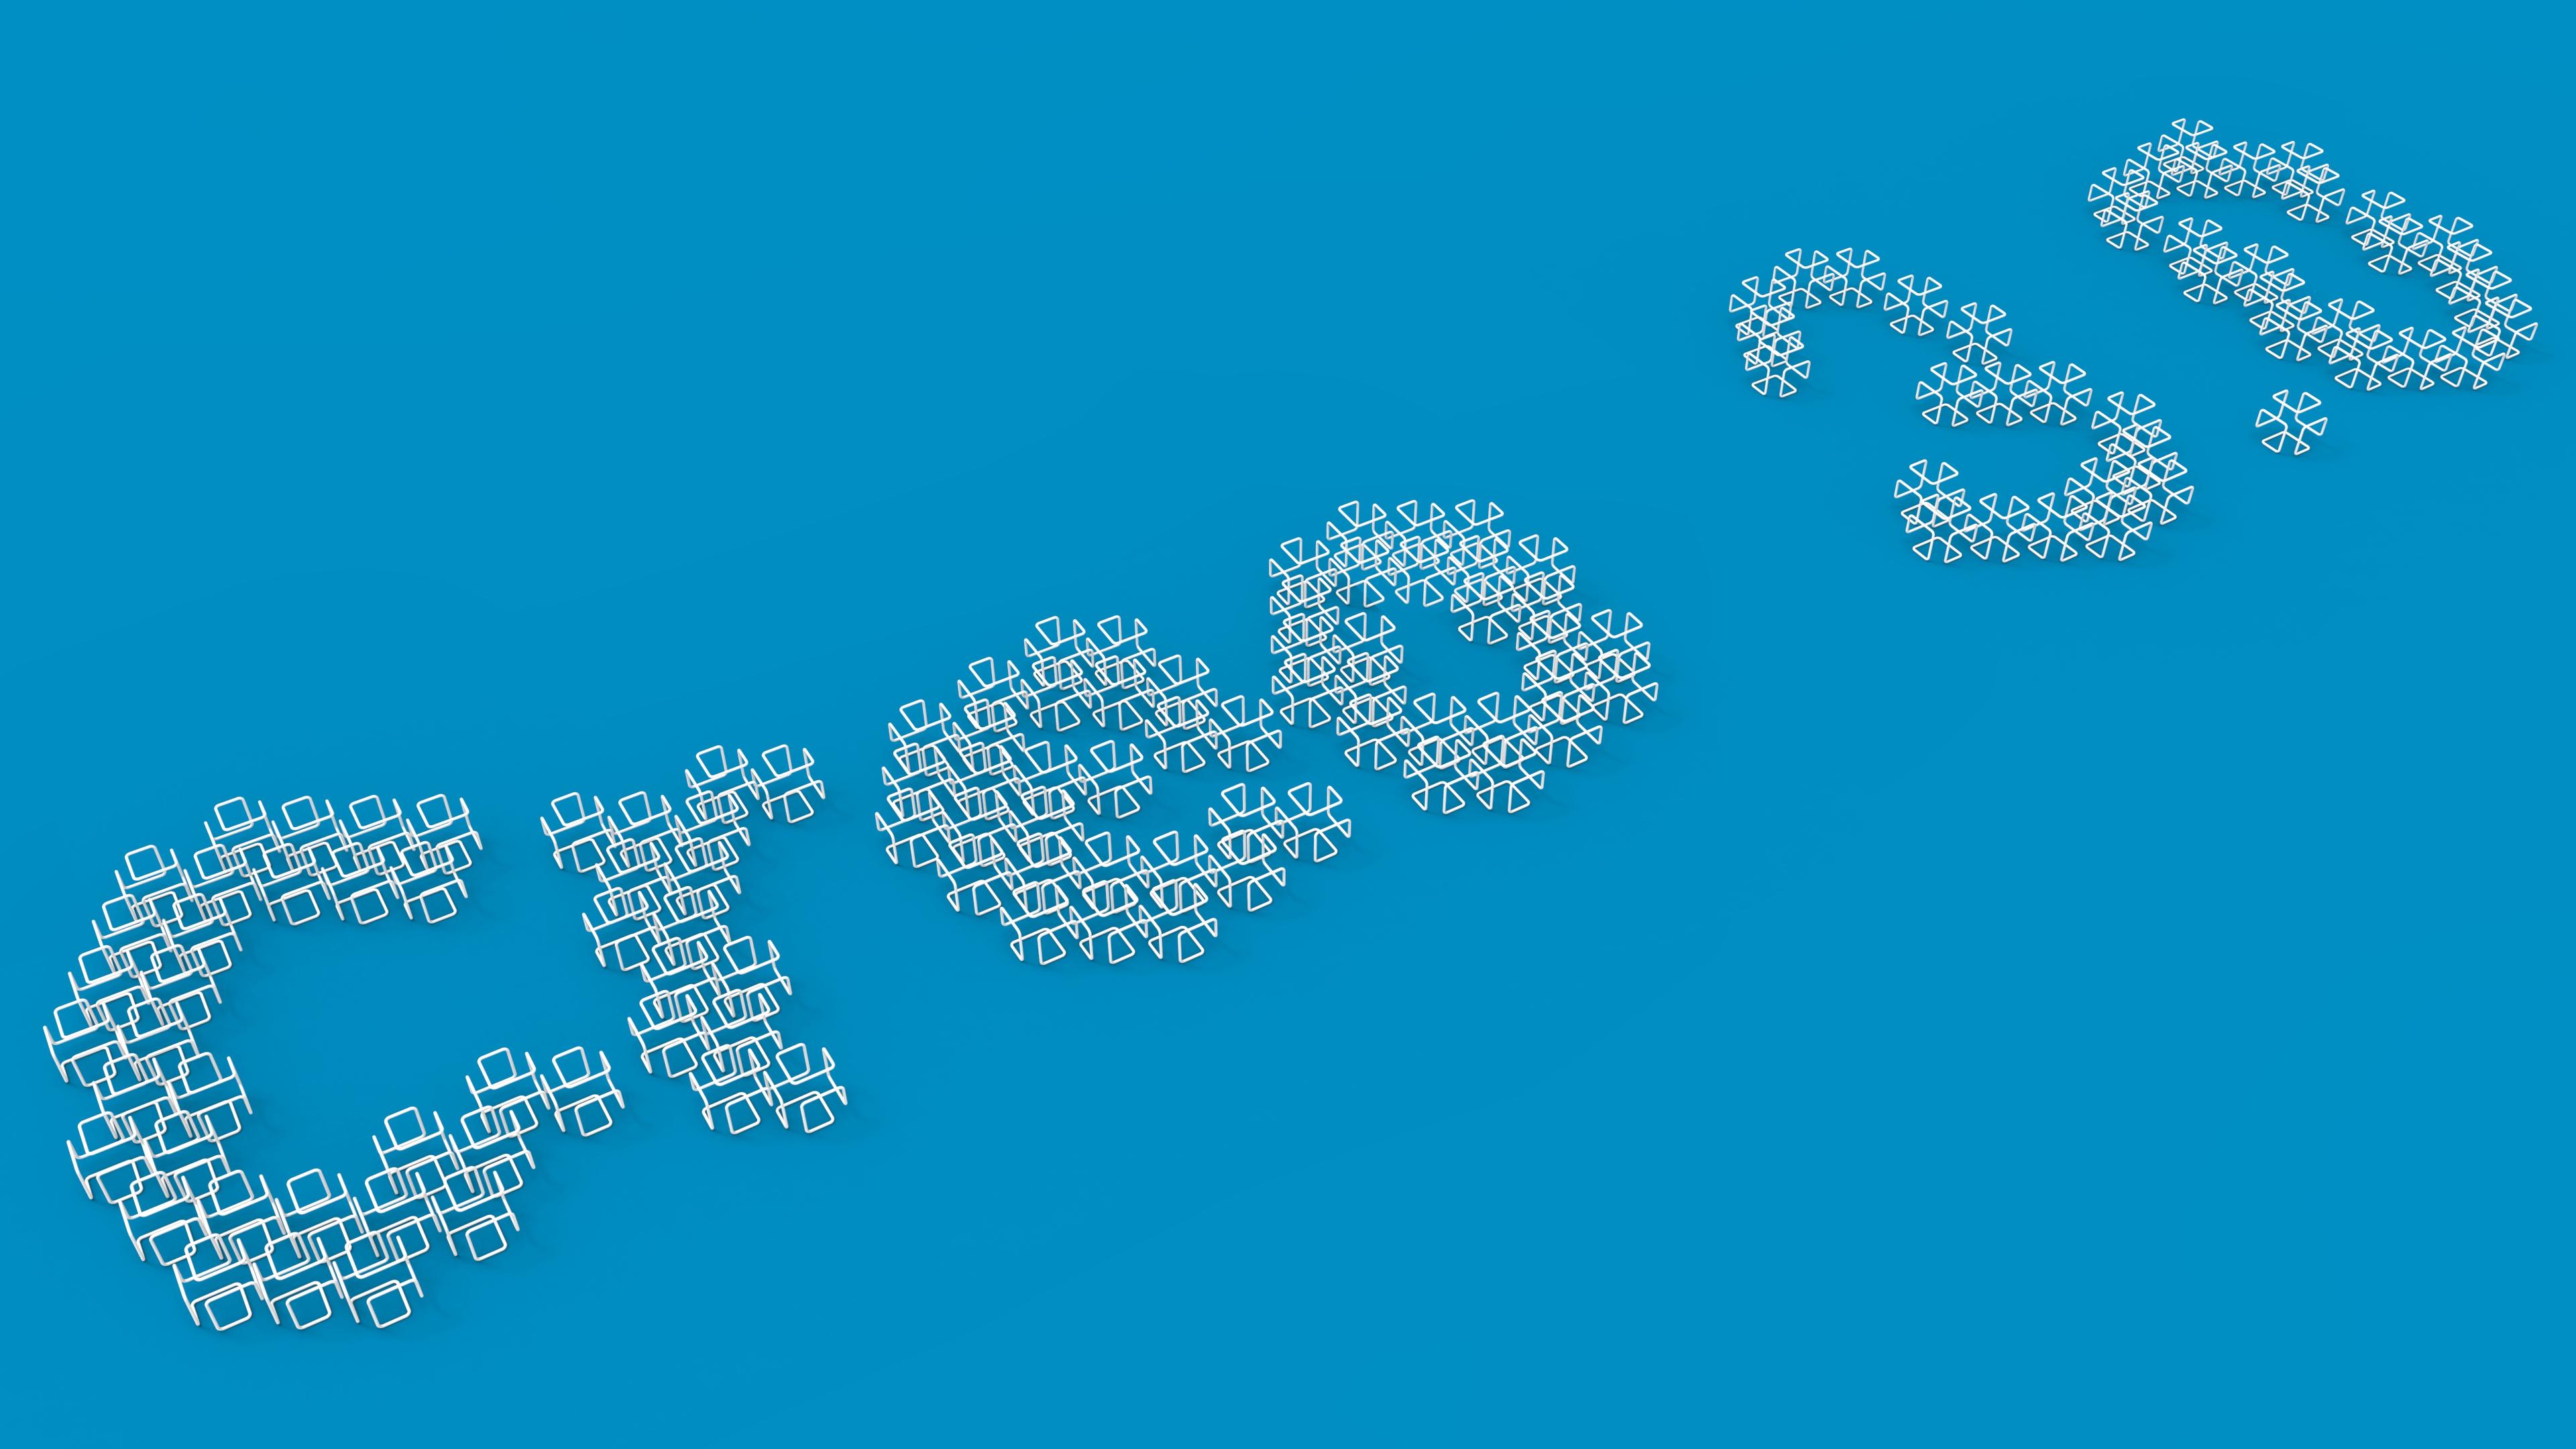 creo3_logo-4K-3840x2160-b.jpg